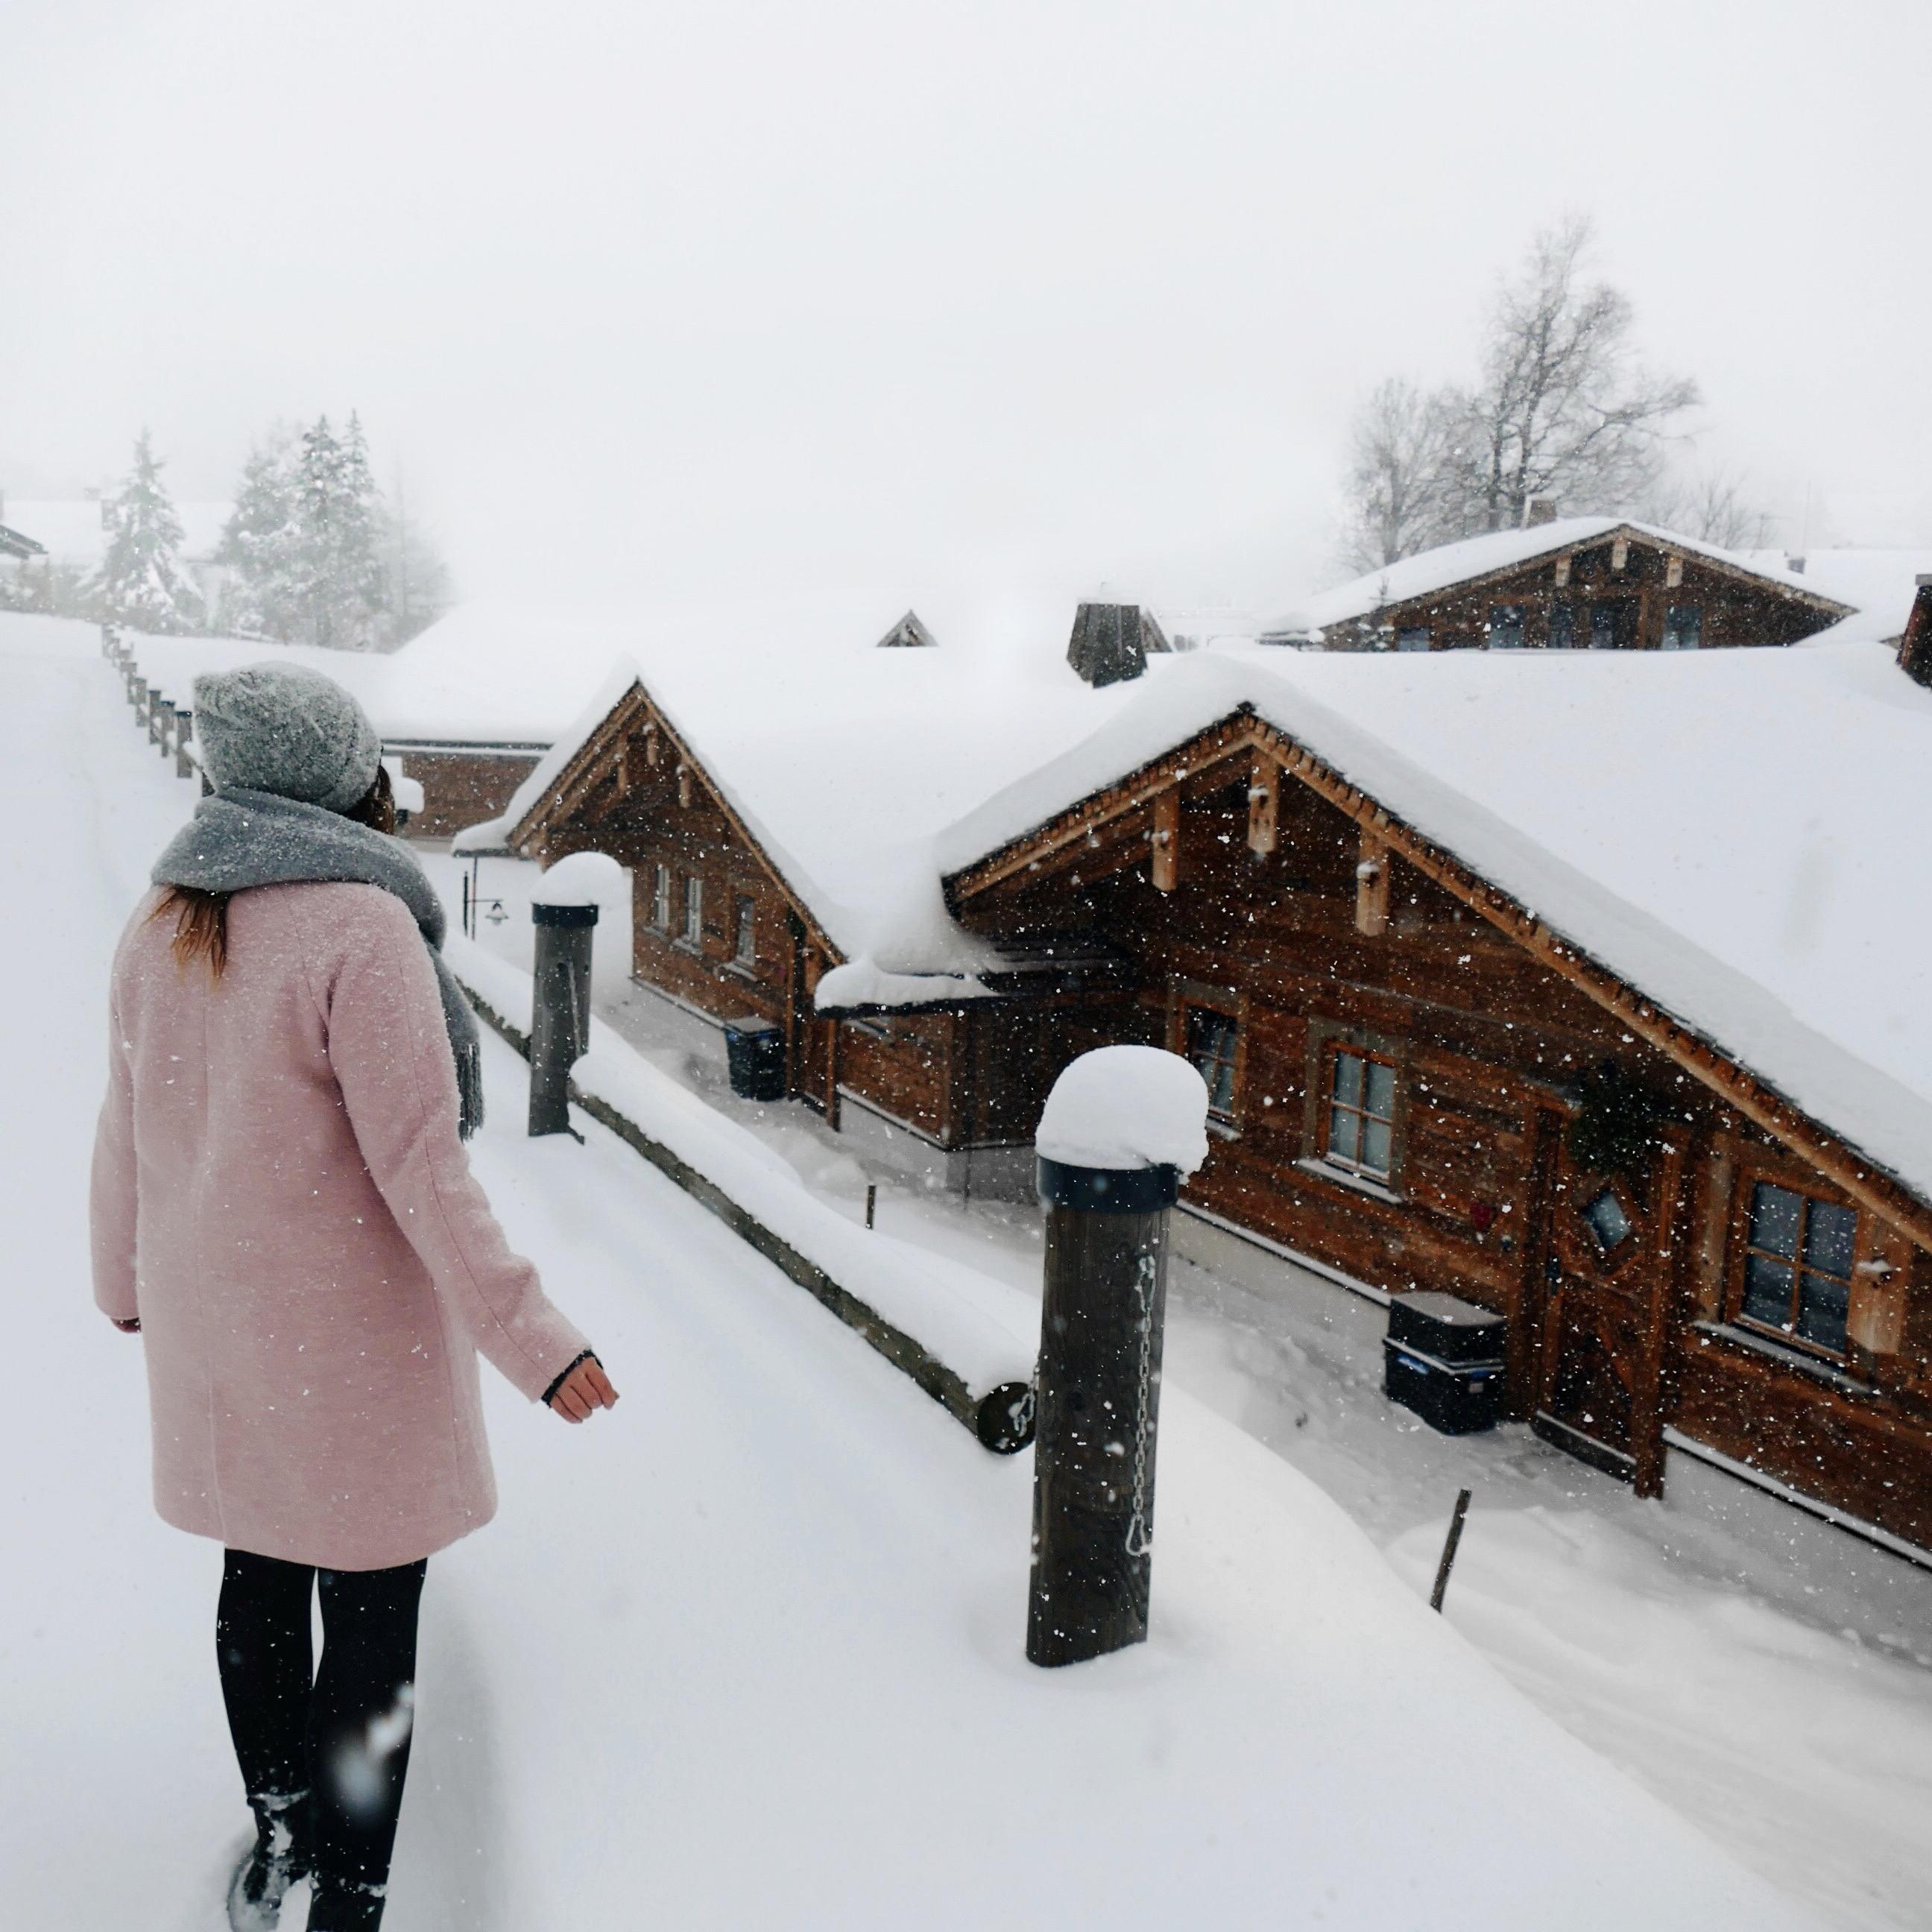 Hotel in den Bergen, Winter urlaub Chalets, Schnee Skifahren Hotel Luxus